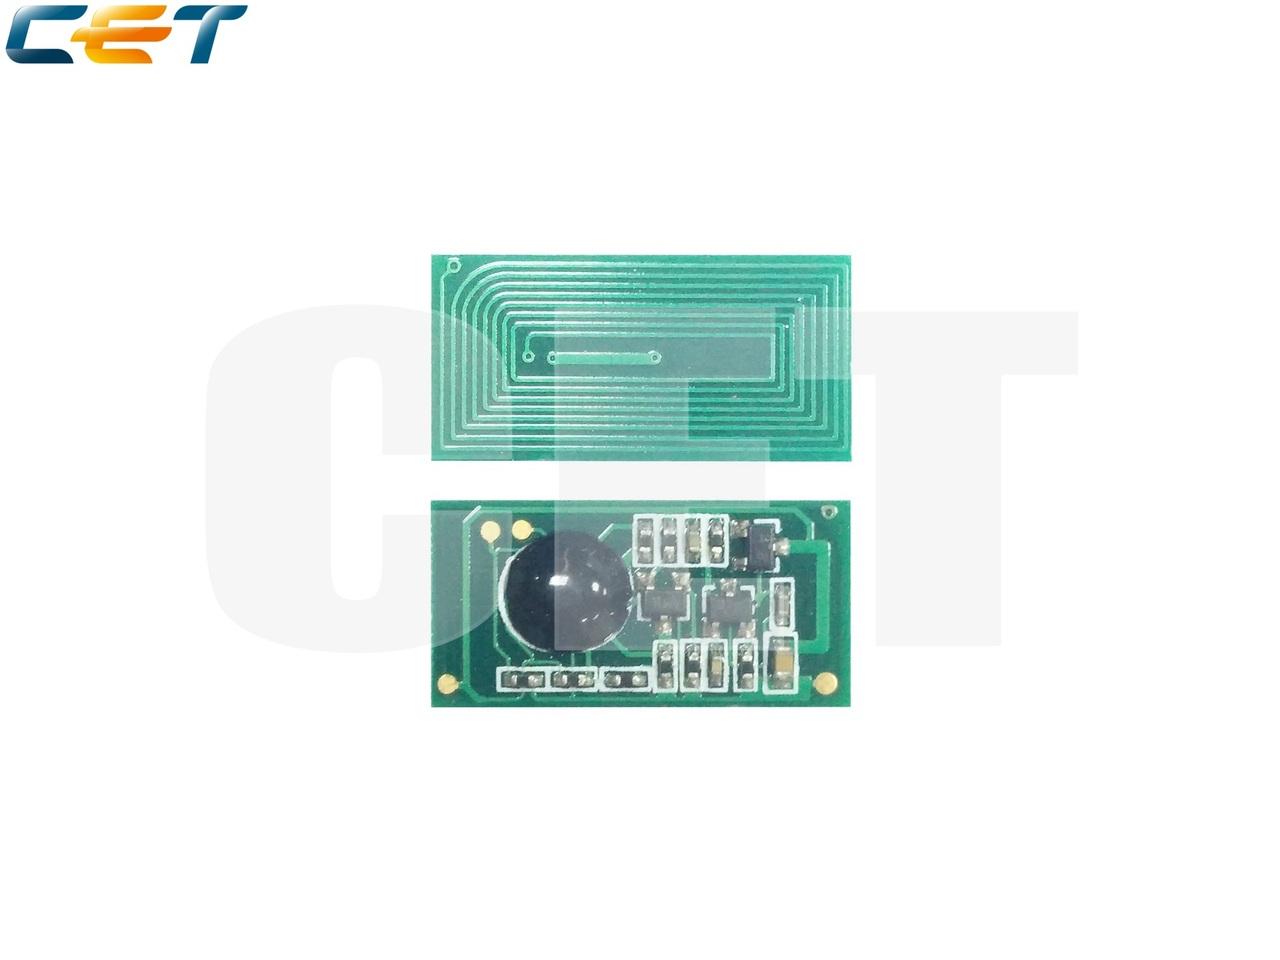 Чип картриджа для RICOH Aficio MPC2000/MPC2500/MPC3000(CET) Cyan, (WW), 15000 стр., CET9440C